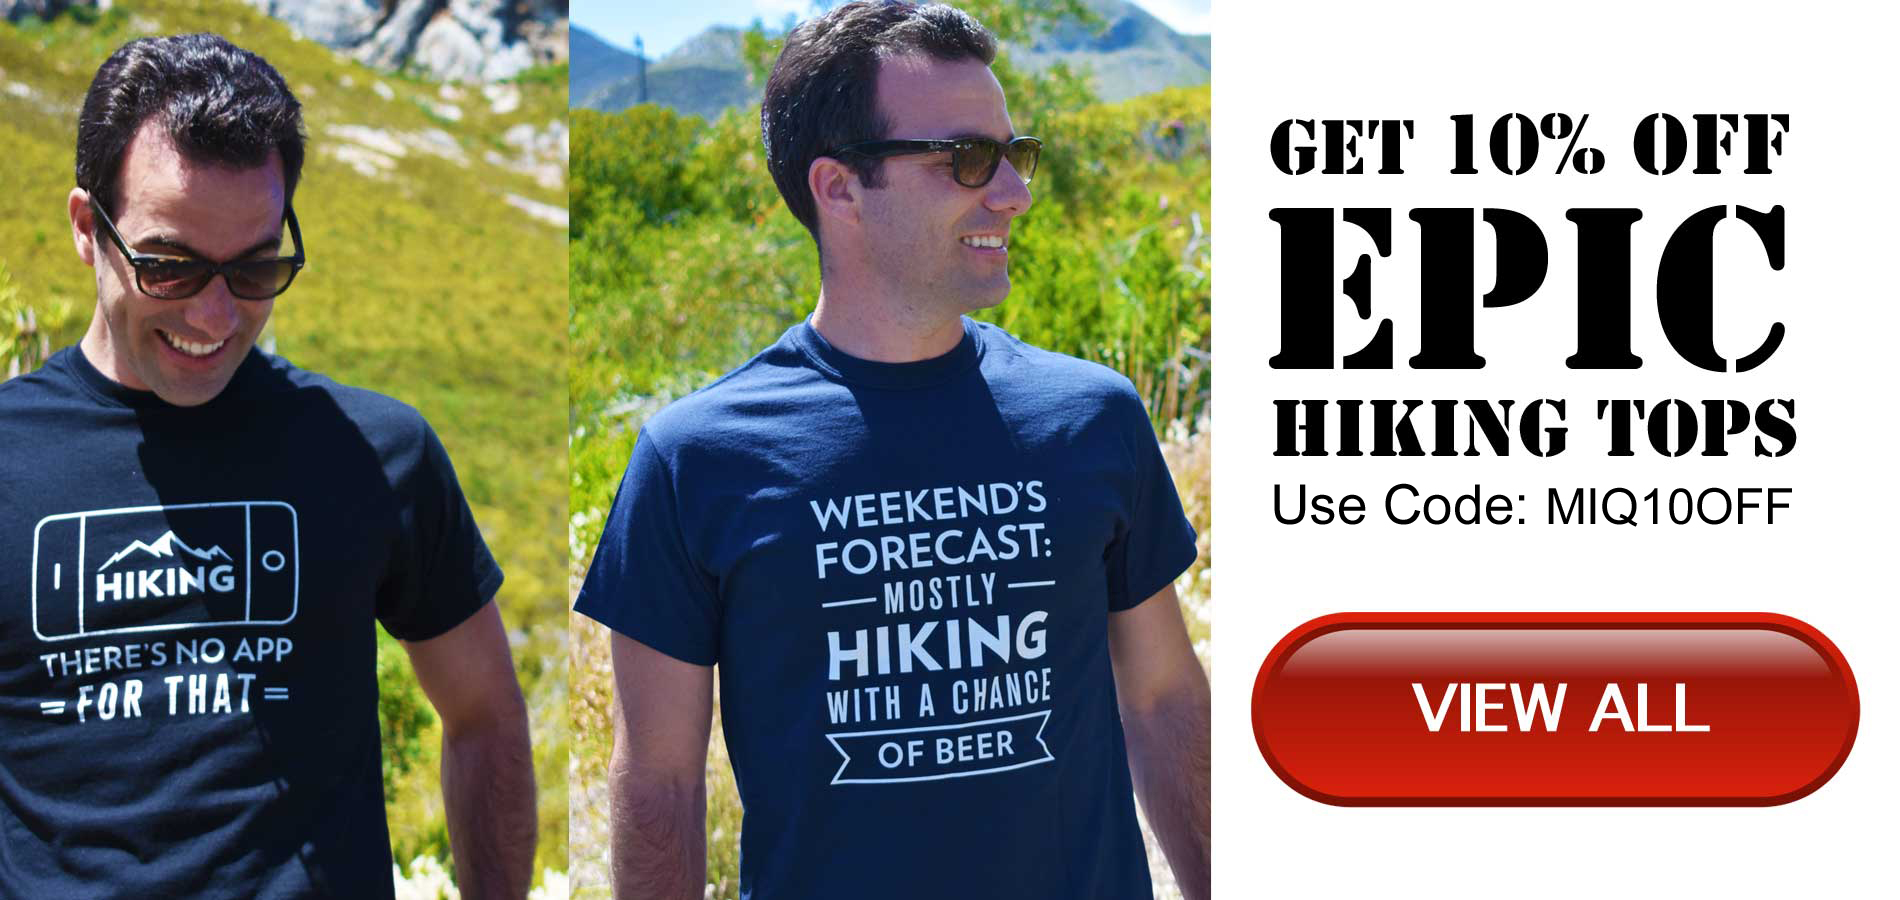 MIQ-Mark-Hiking-Ad-MIQ10FF